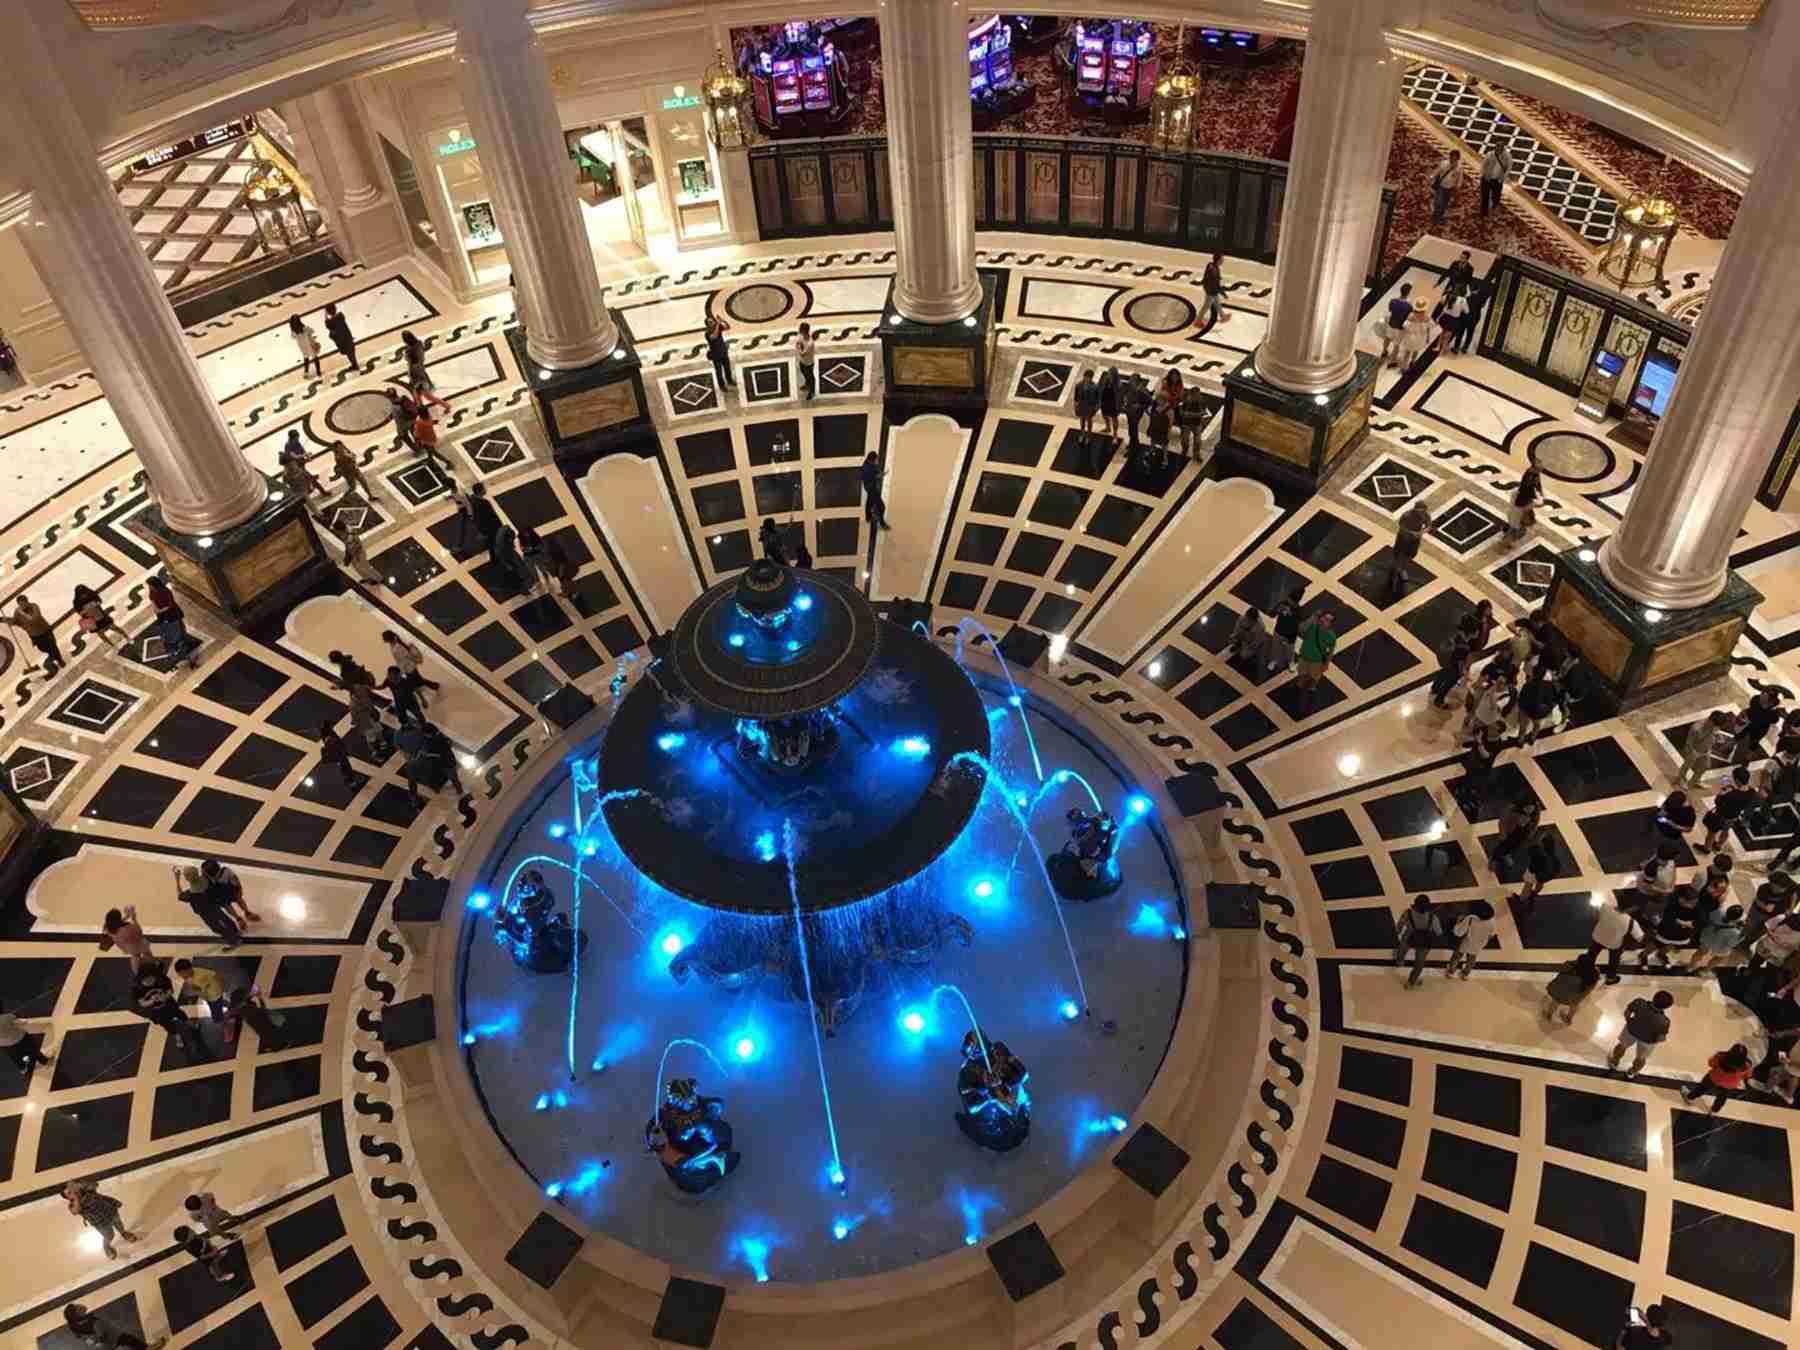 澳門巴黎人酒店圓形大廳噴泉